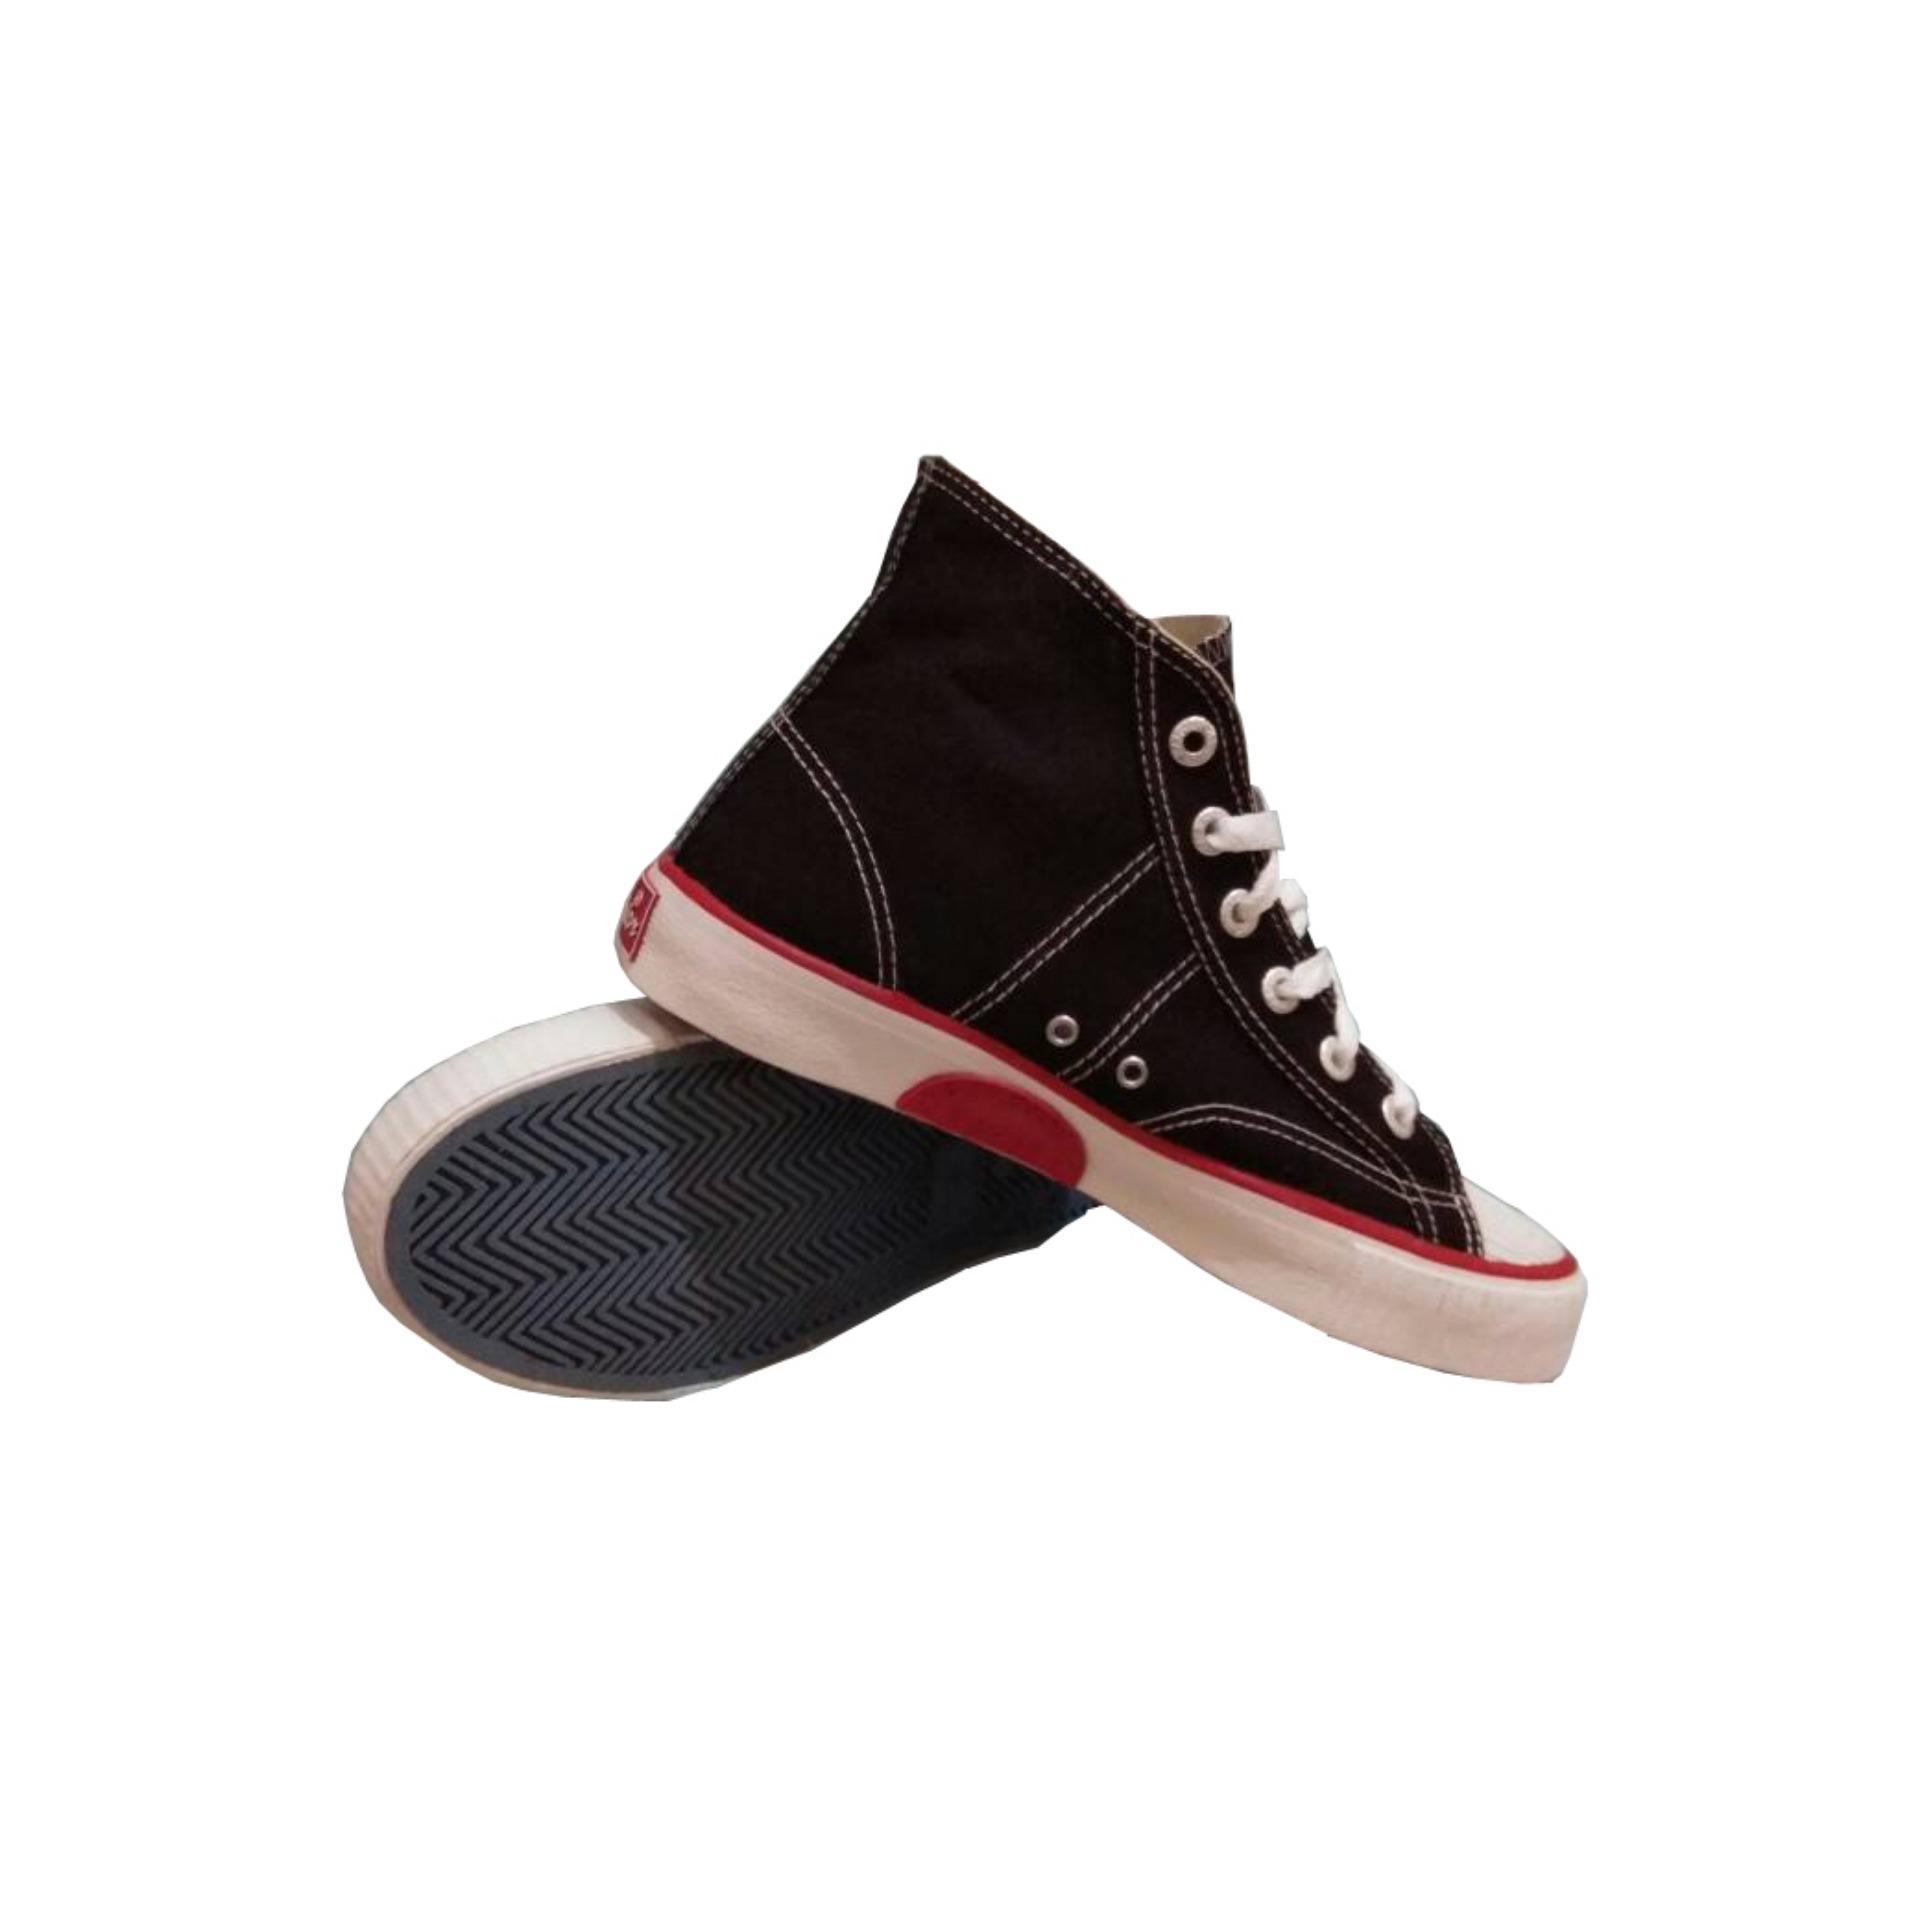 Sepatu Sekolah Warrior Athena High Cut Hitammerah Daftar Update Sparta Hitam Merah Harga Source Sneaker Classic Putih